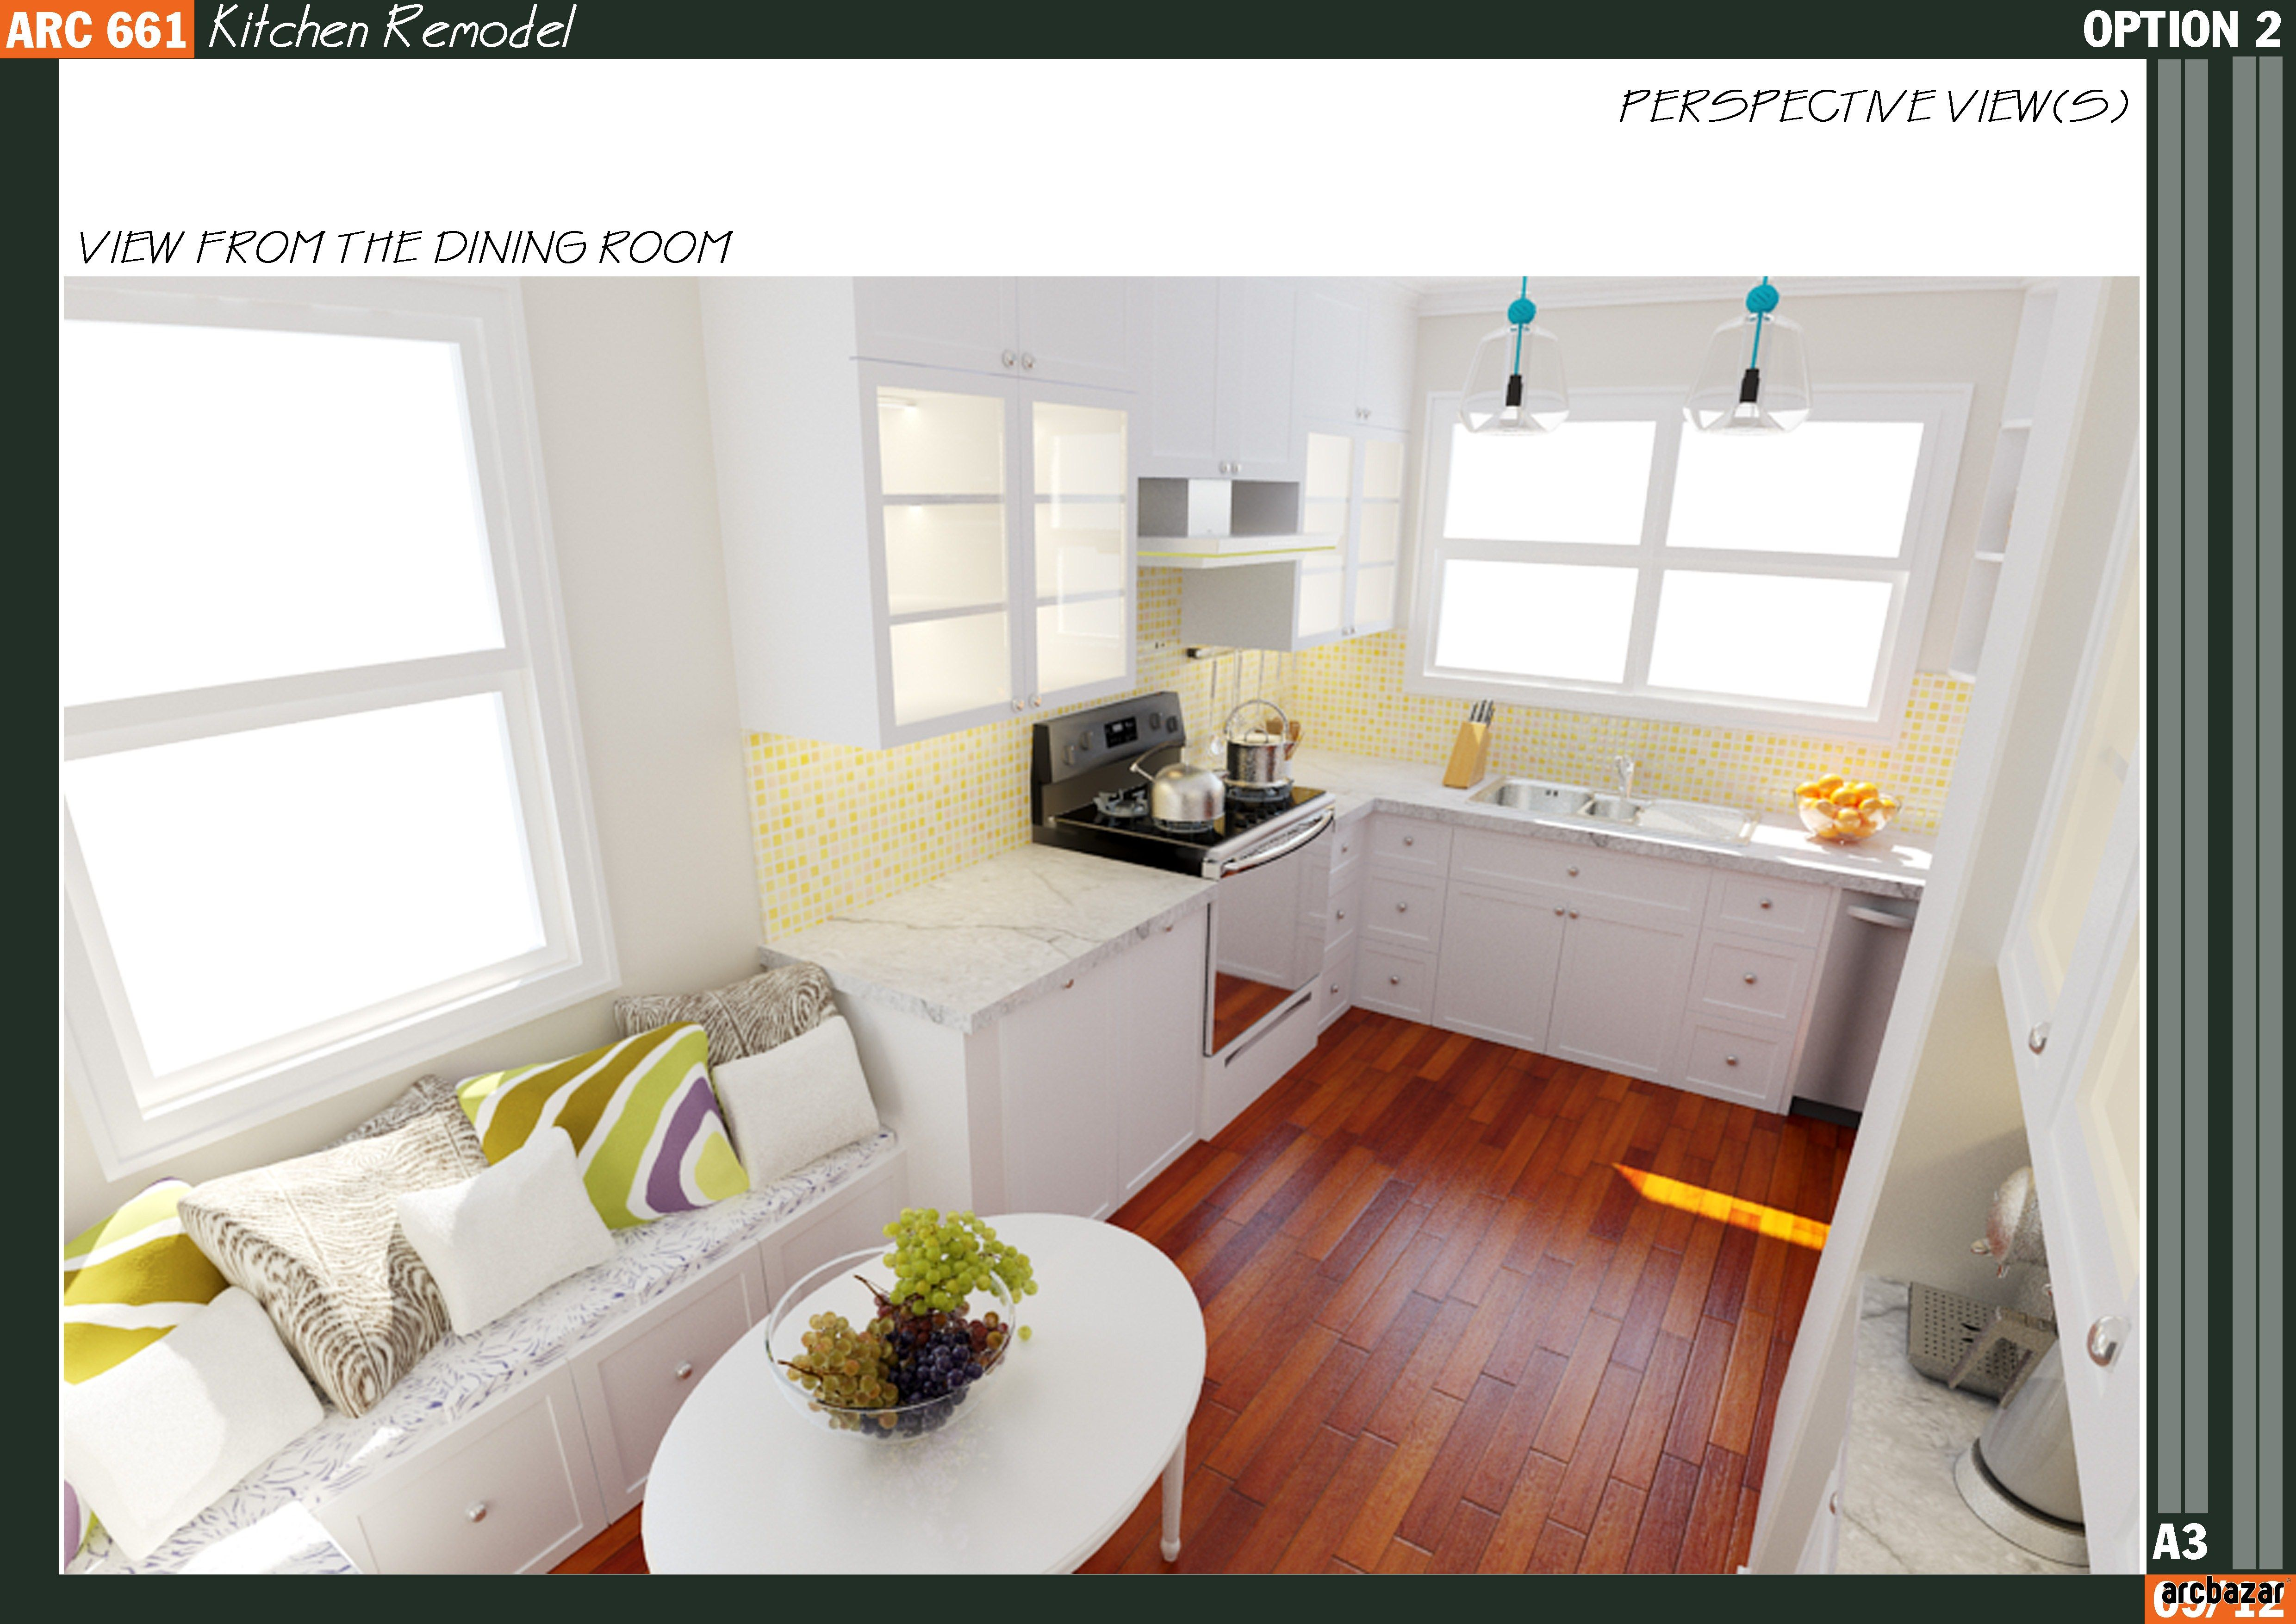 Kitchen Remodel Design By Qarch Team Via Arcbazar.com · Kansas CityKitchen  Remodel